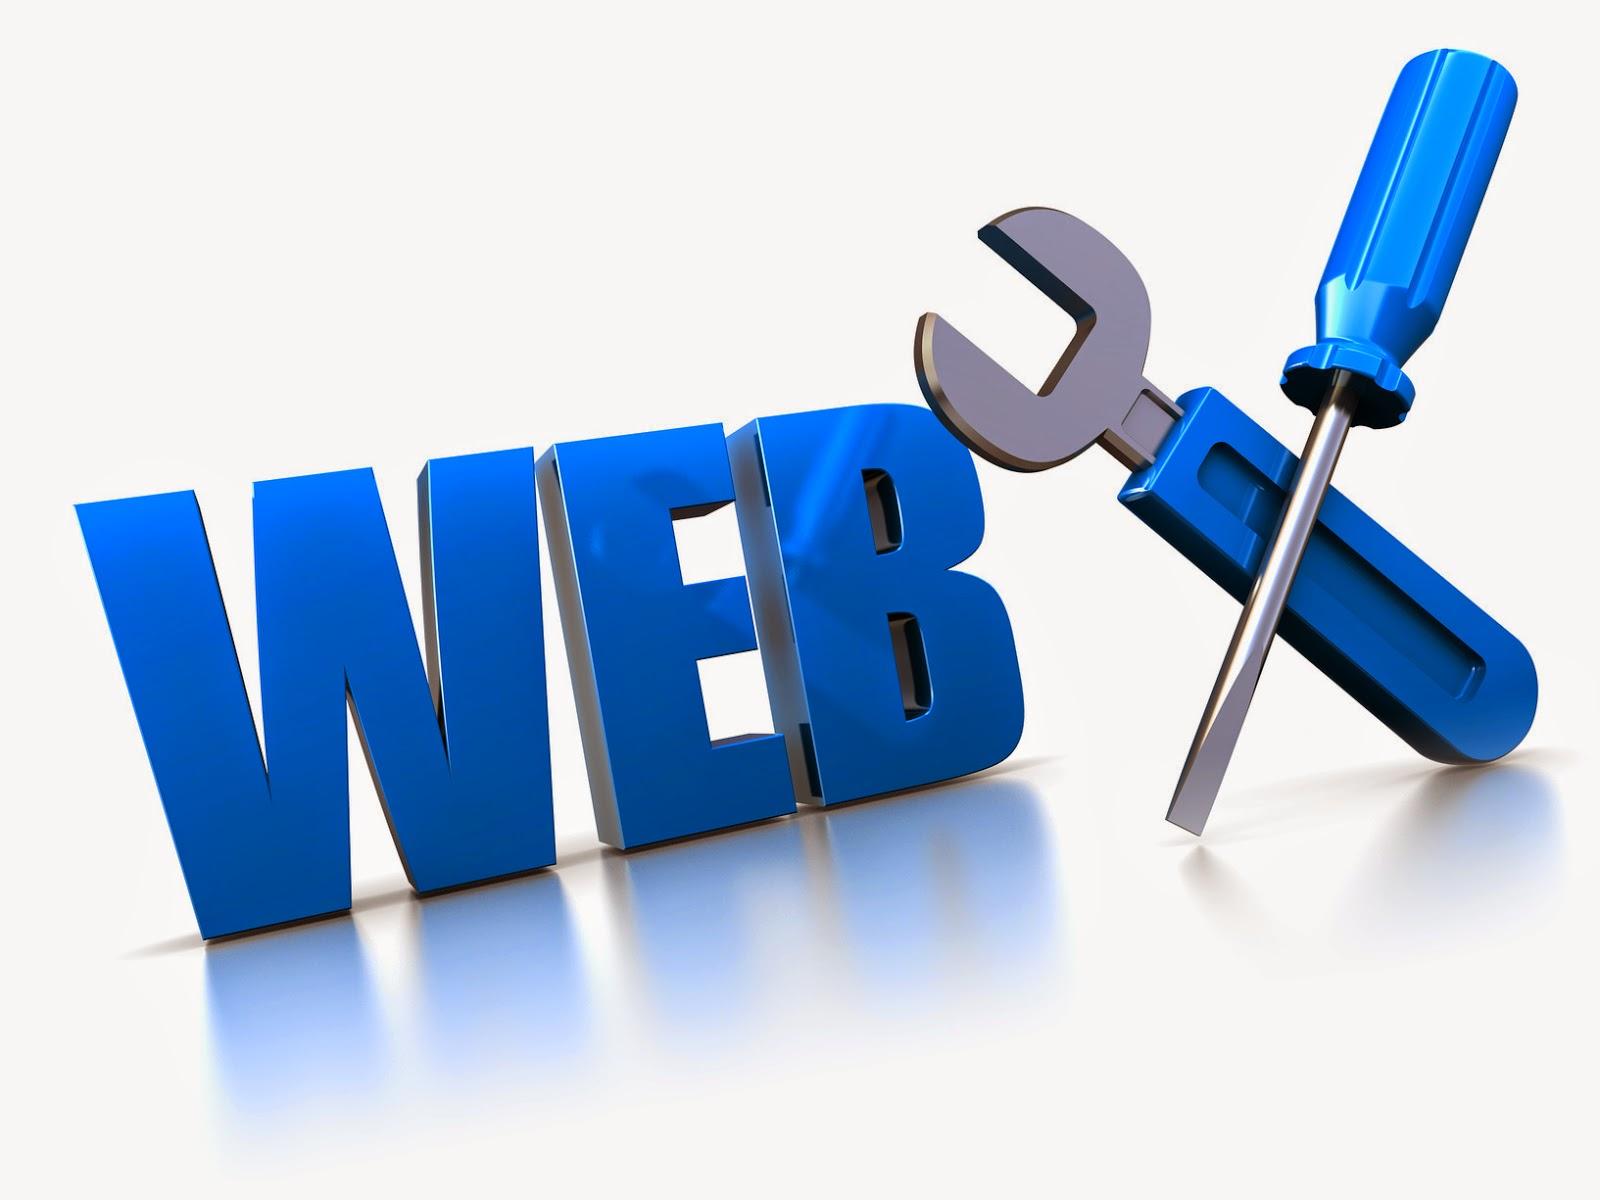 Inilah 3 Manfaat Menjadi Freelance Graphic dan Web Designer